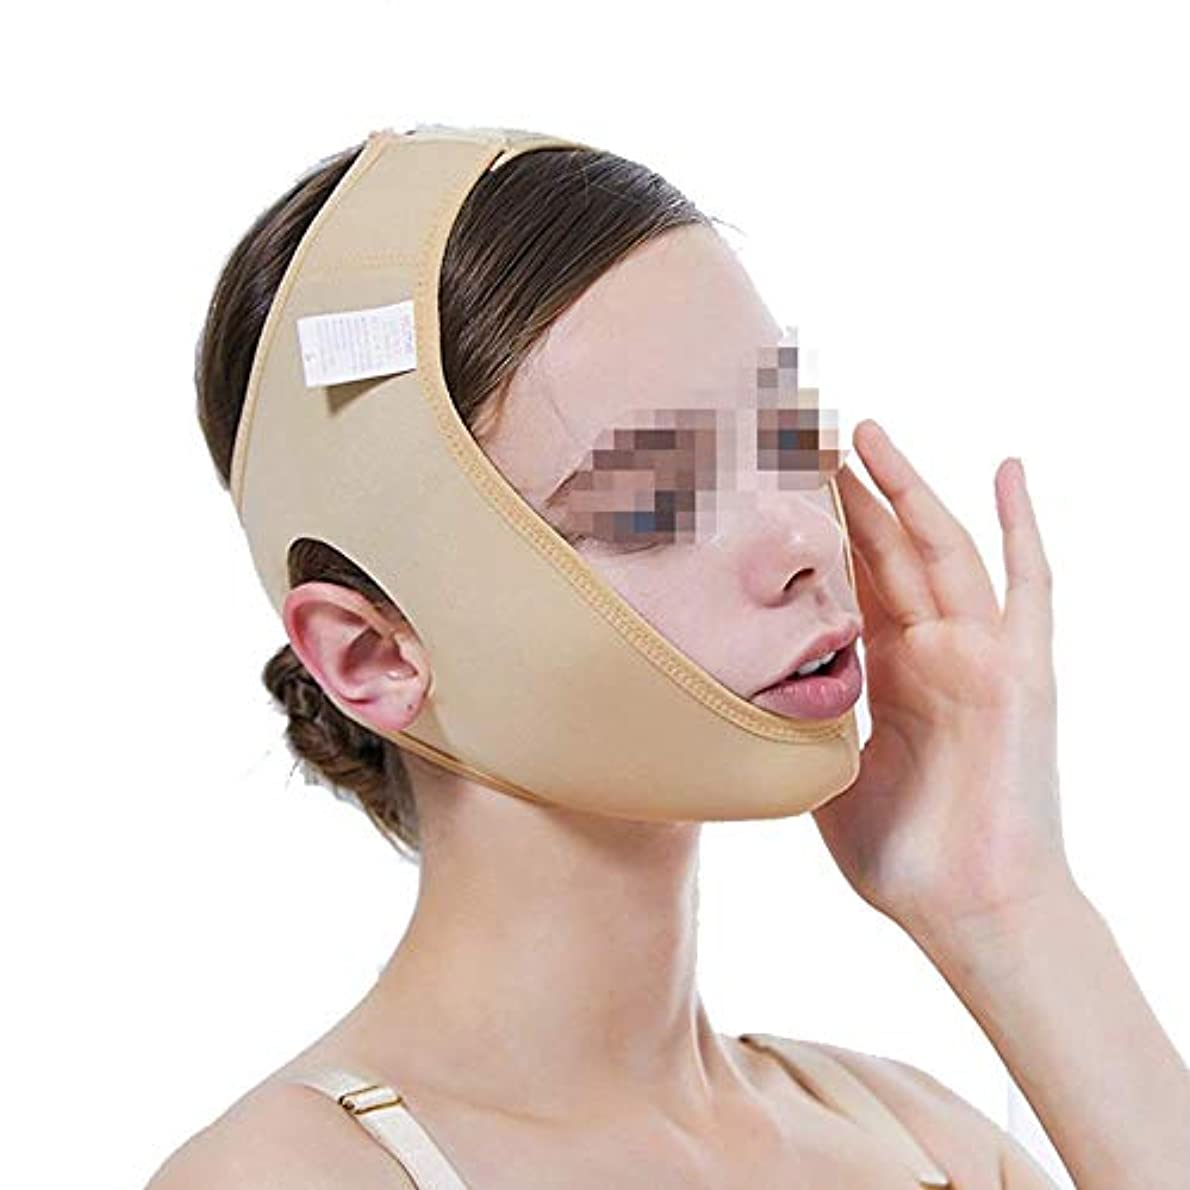 褐色お願いしますモノグラフ術後ヘッドギア、薄型ダブルあごVフェイスビームフェイスジョーセットフェイスマスクマルチサイズオプション(サイズ:XS),XL